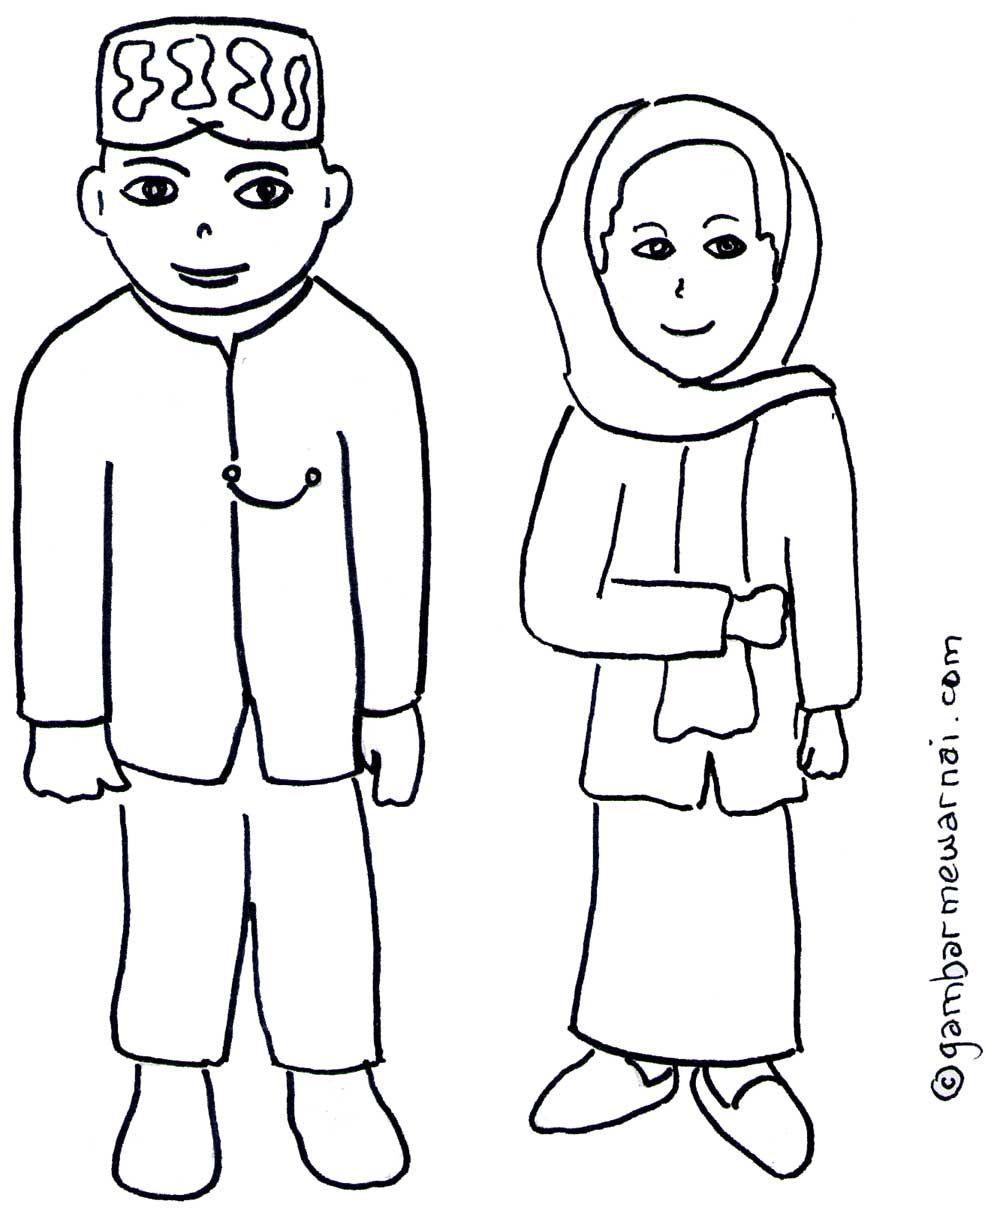 Gambar Rumah Adat Kartun Berwarna